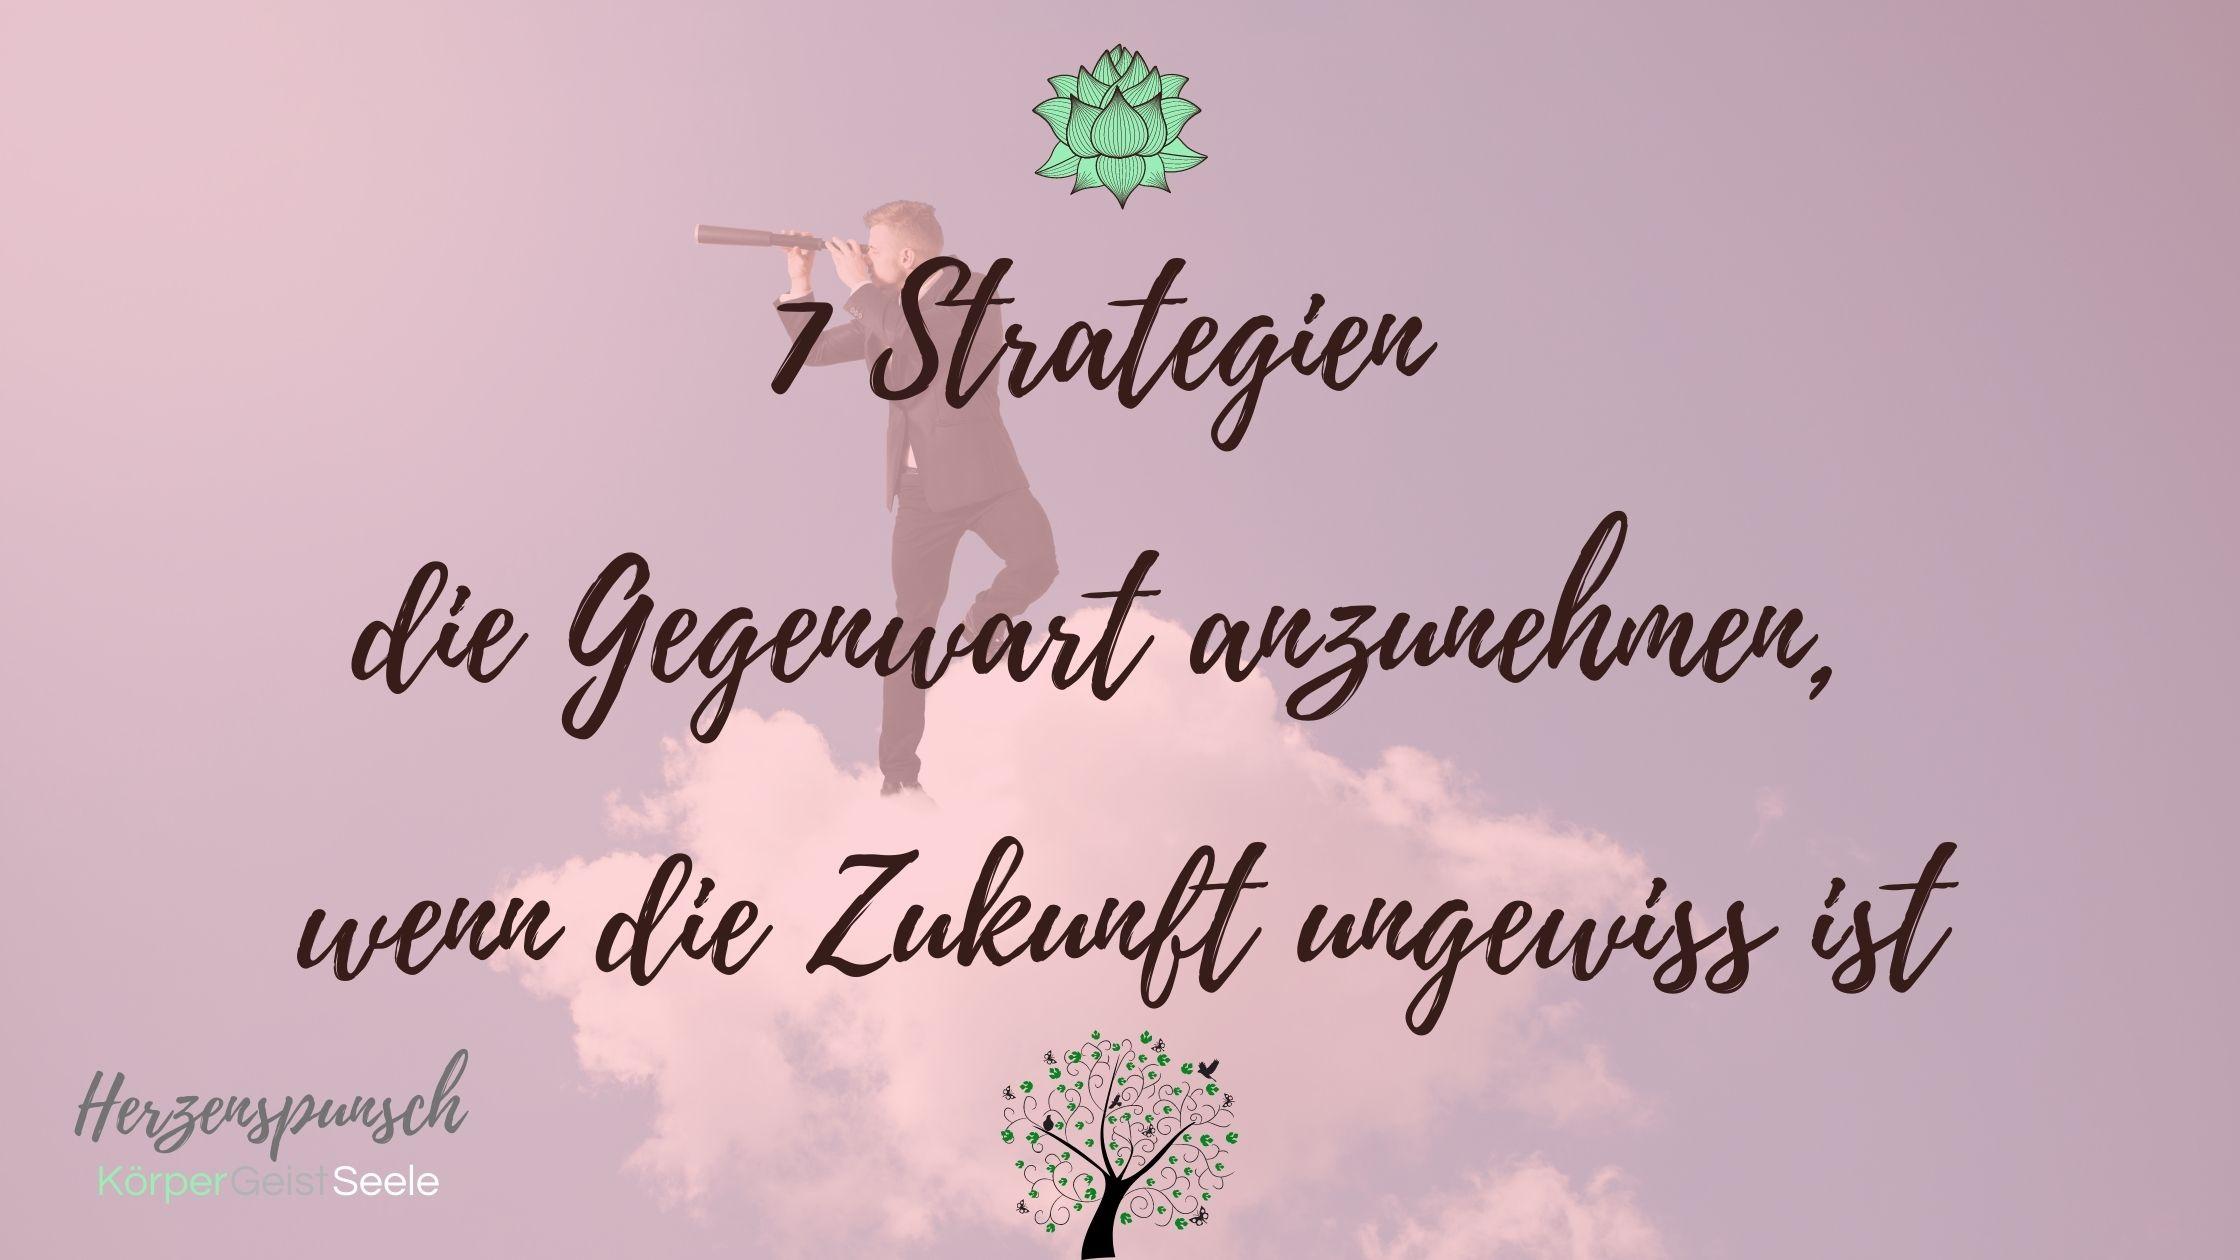 You are currently viewing 7 Strategien die Gegenwart anzunehmen, wenn die Zukunft ungewiss ist